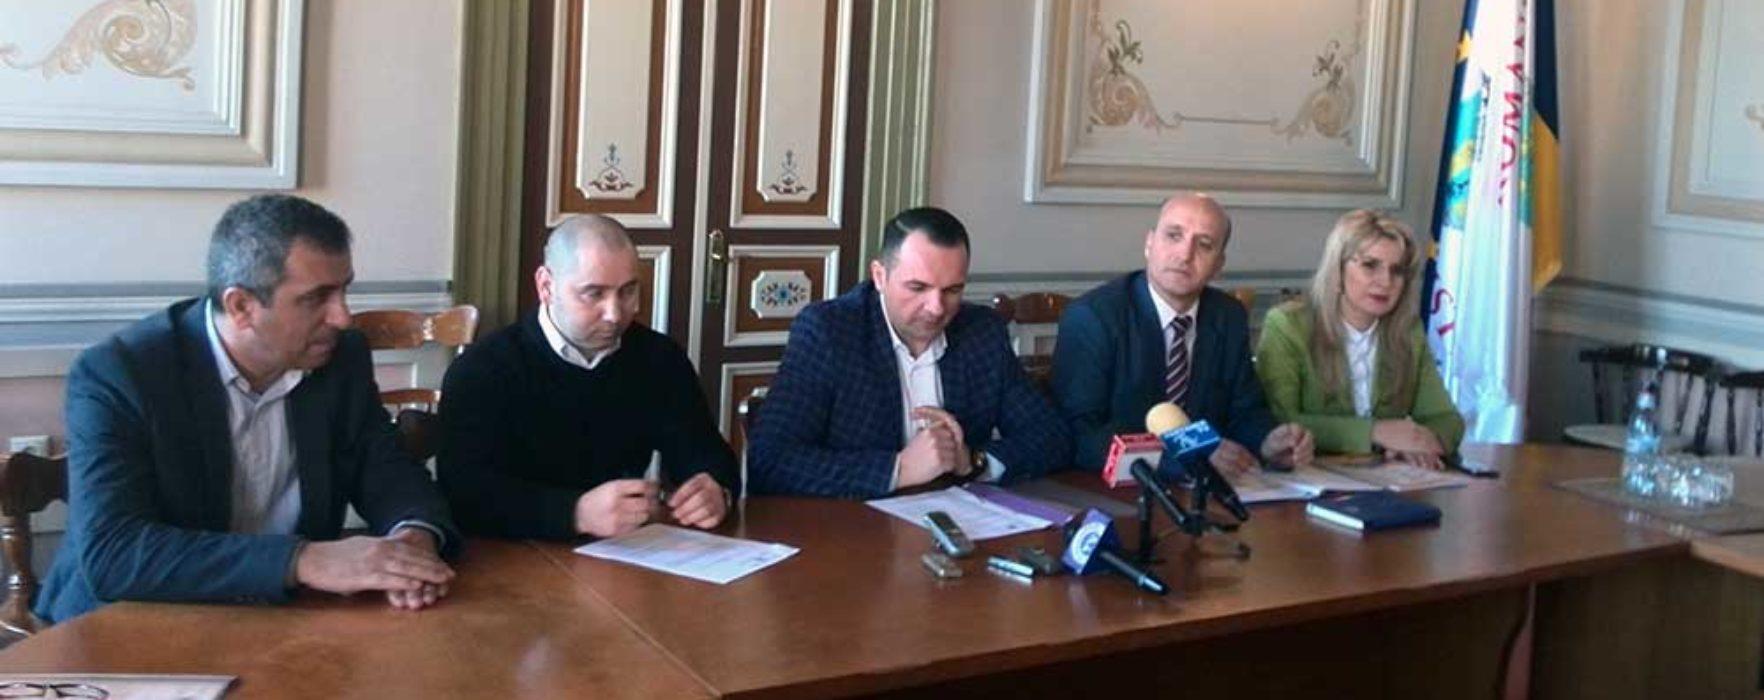 Târgovişte: Proiect de prevenire a consumului de droguri la copii de clasele I şi a II-a